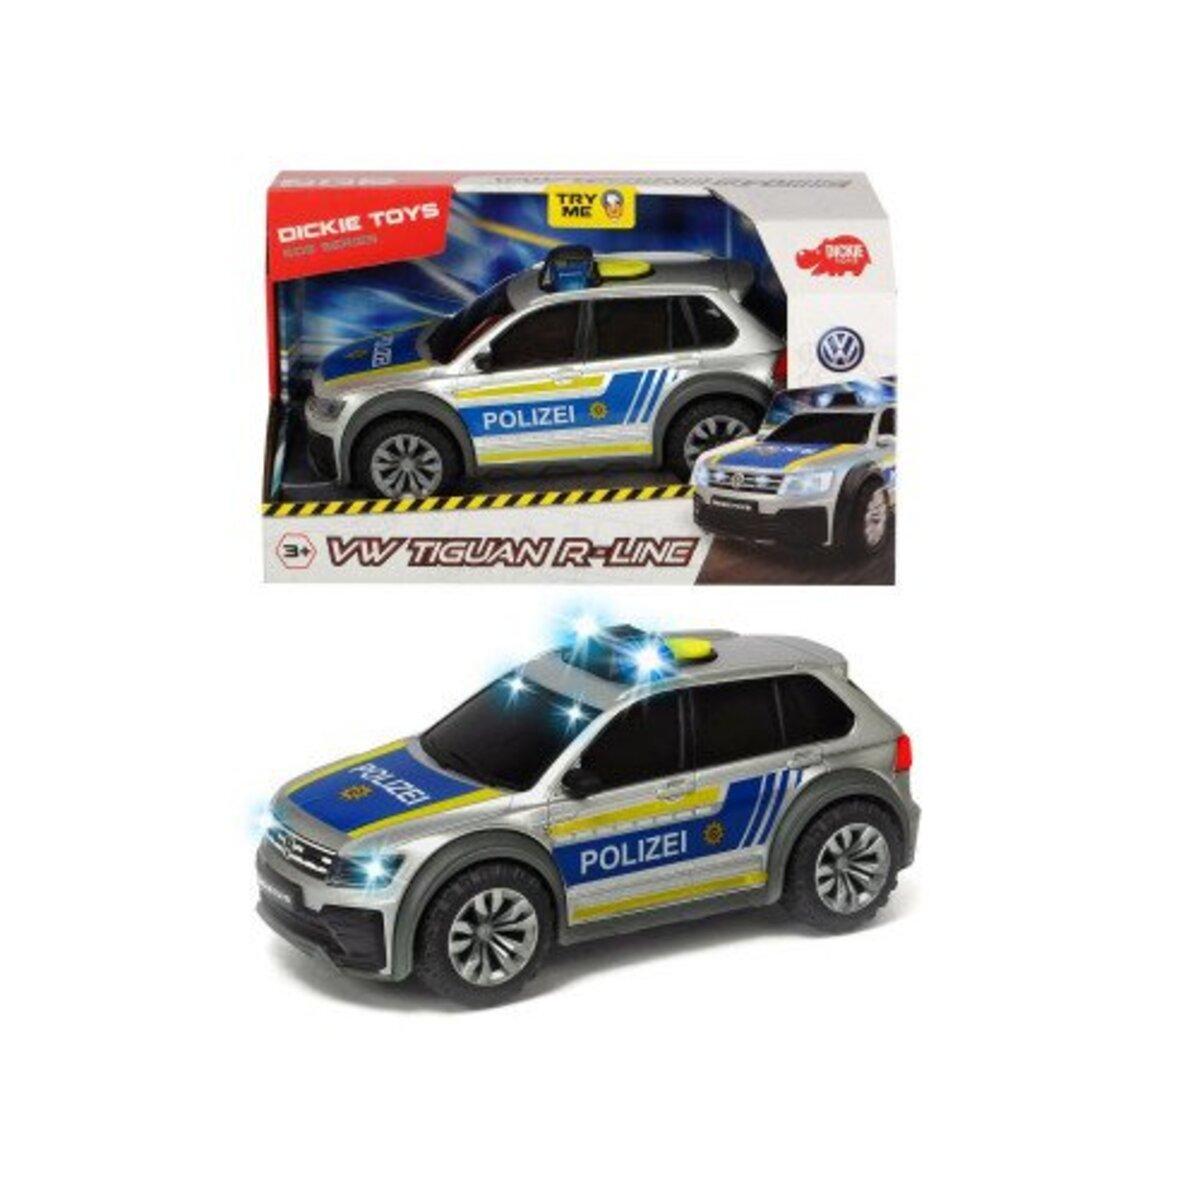 Bild 1 von Dickie VW Tiguan R Line Polizei